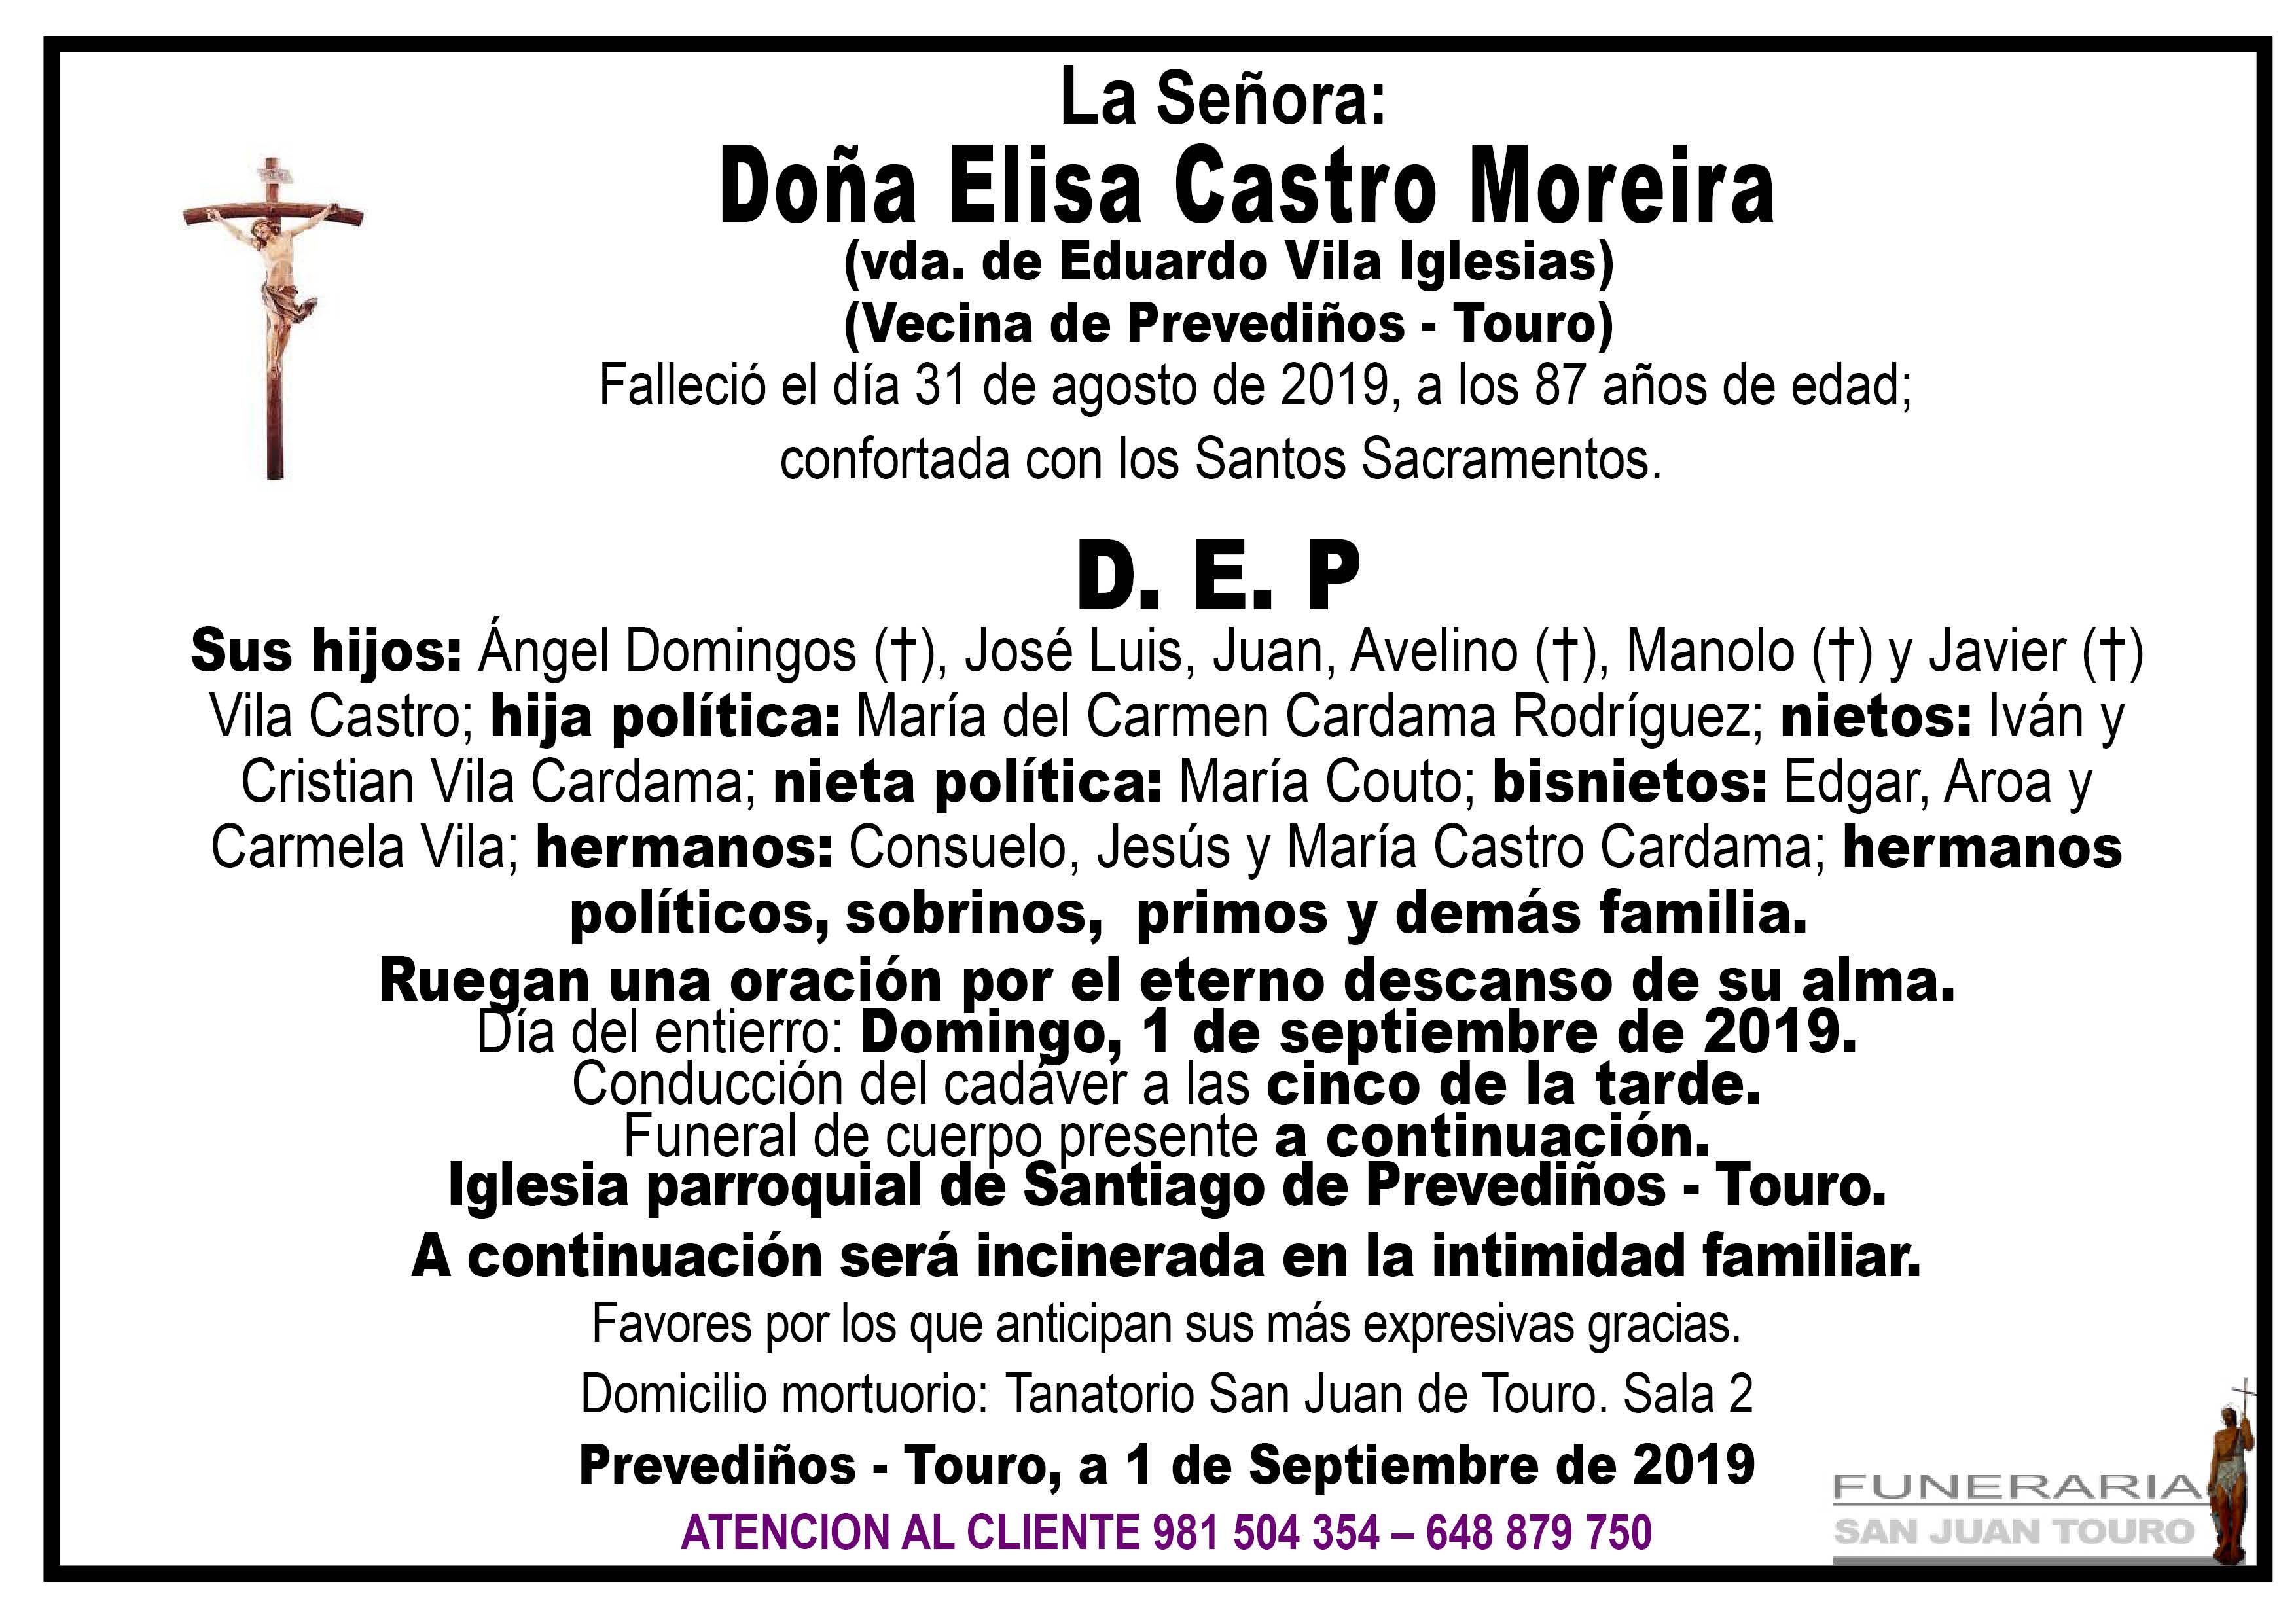 Esquela de SEPELIO DE DOÑA ELISA CASTRO MOREIRA